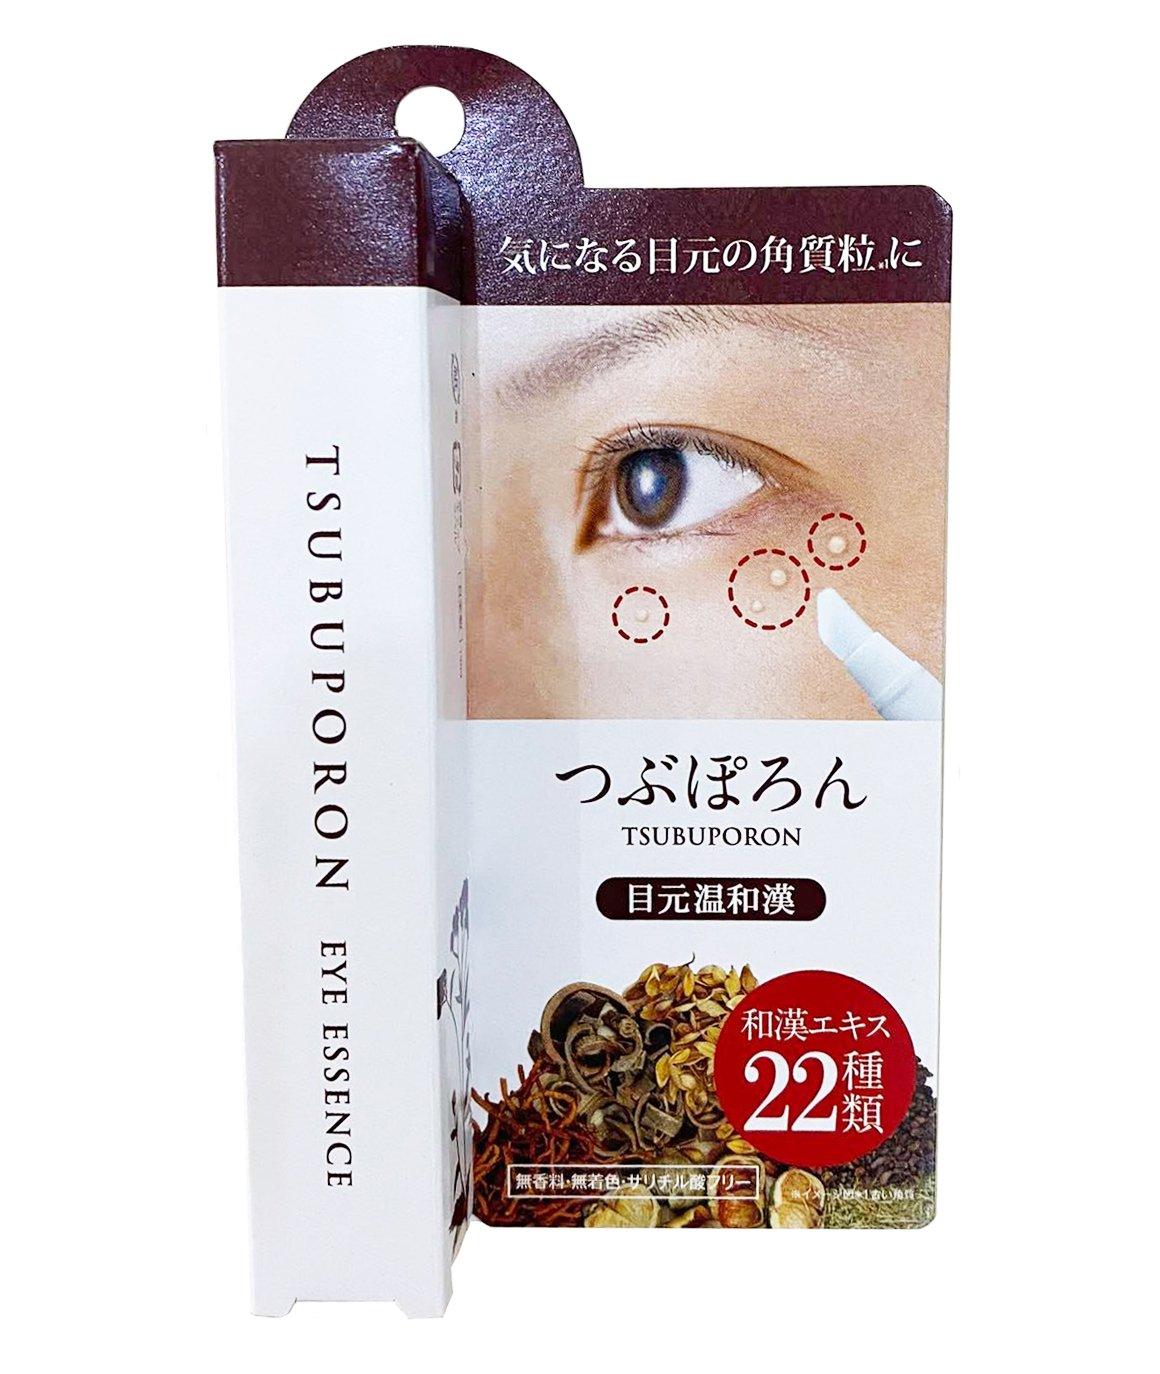 Kem hỗ trợ giảm mụn thịt Tsubuporon lành tính